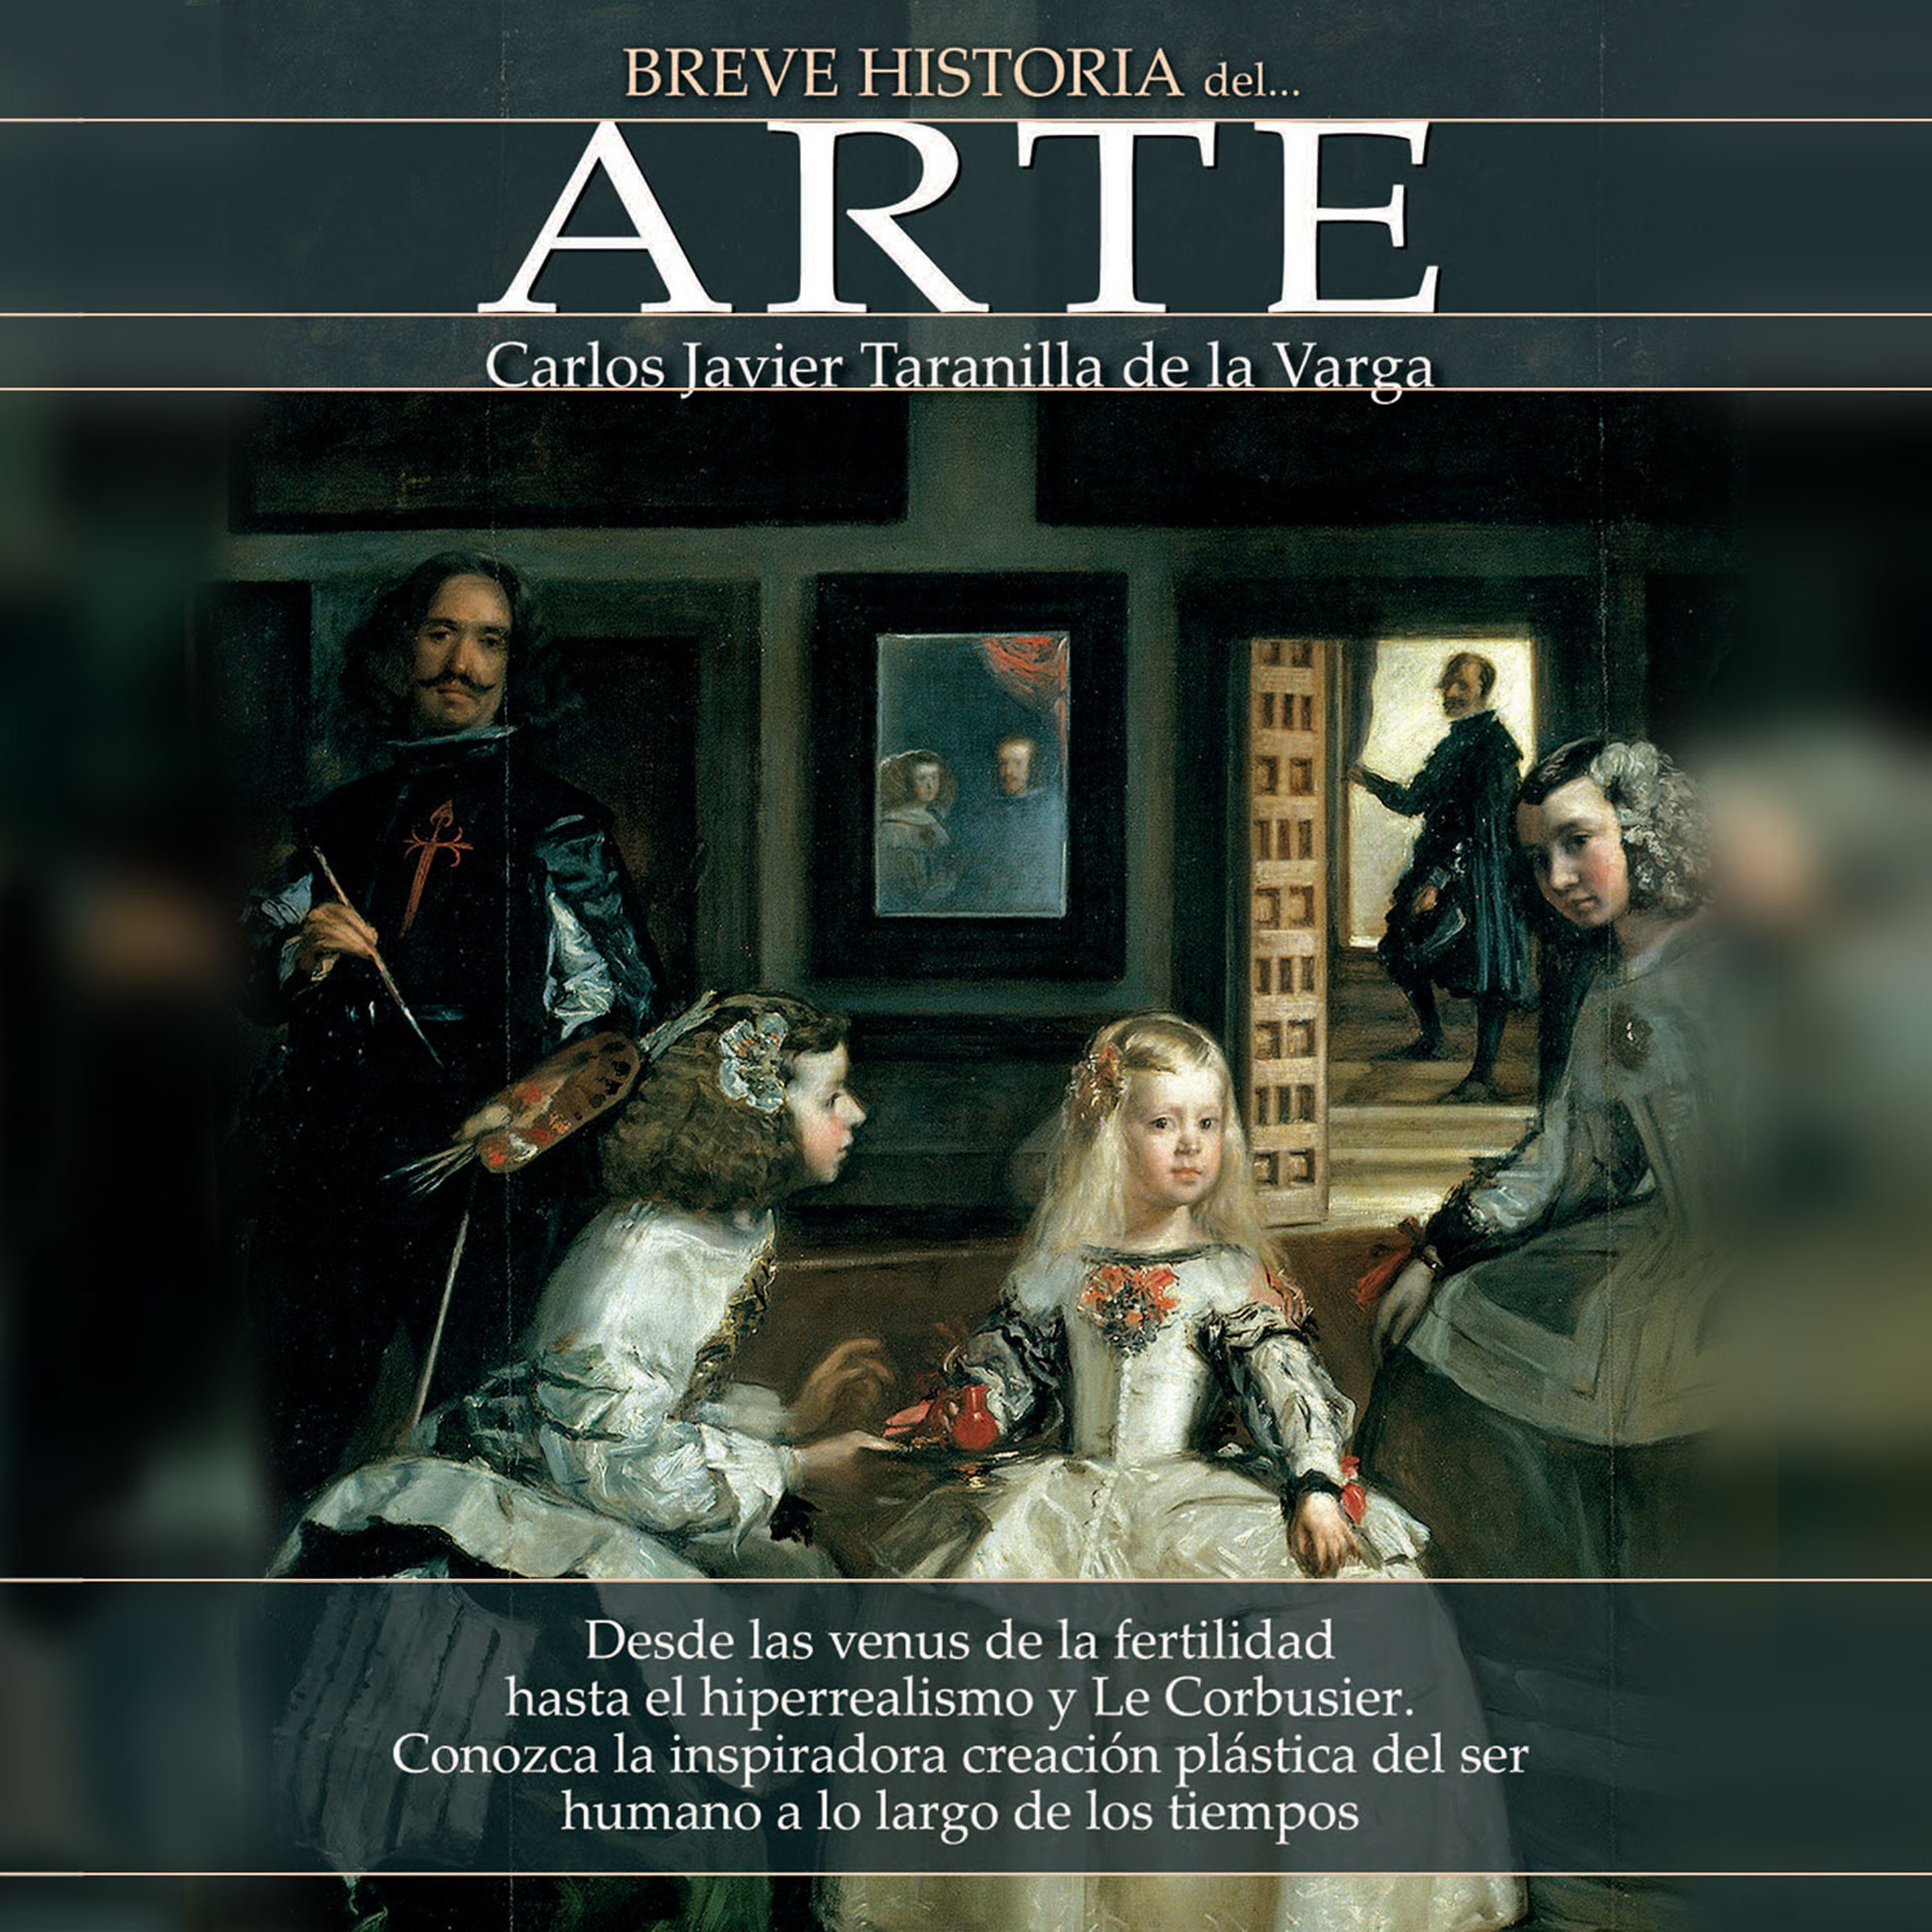 Breve historia del arte [Brief history of art]